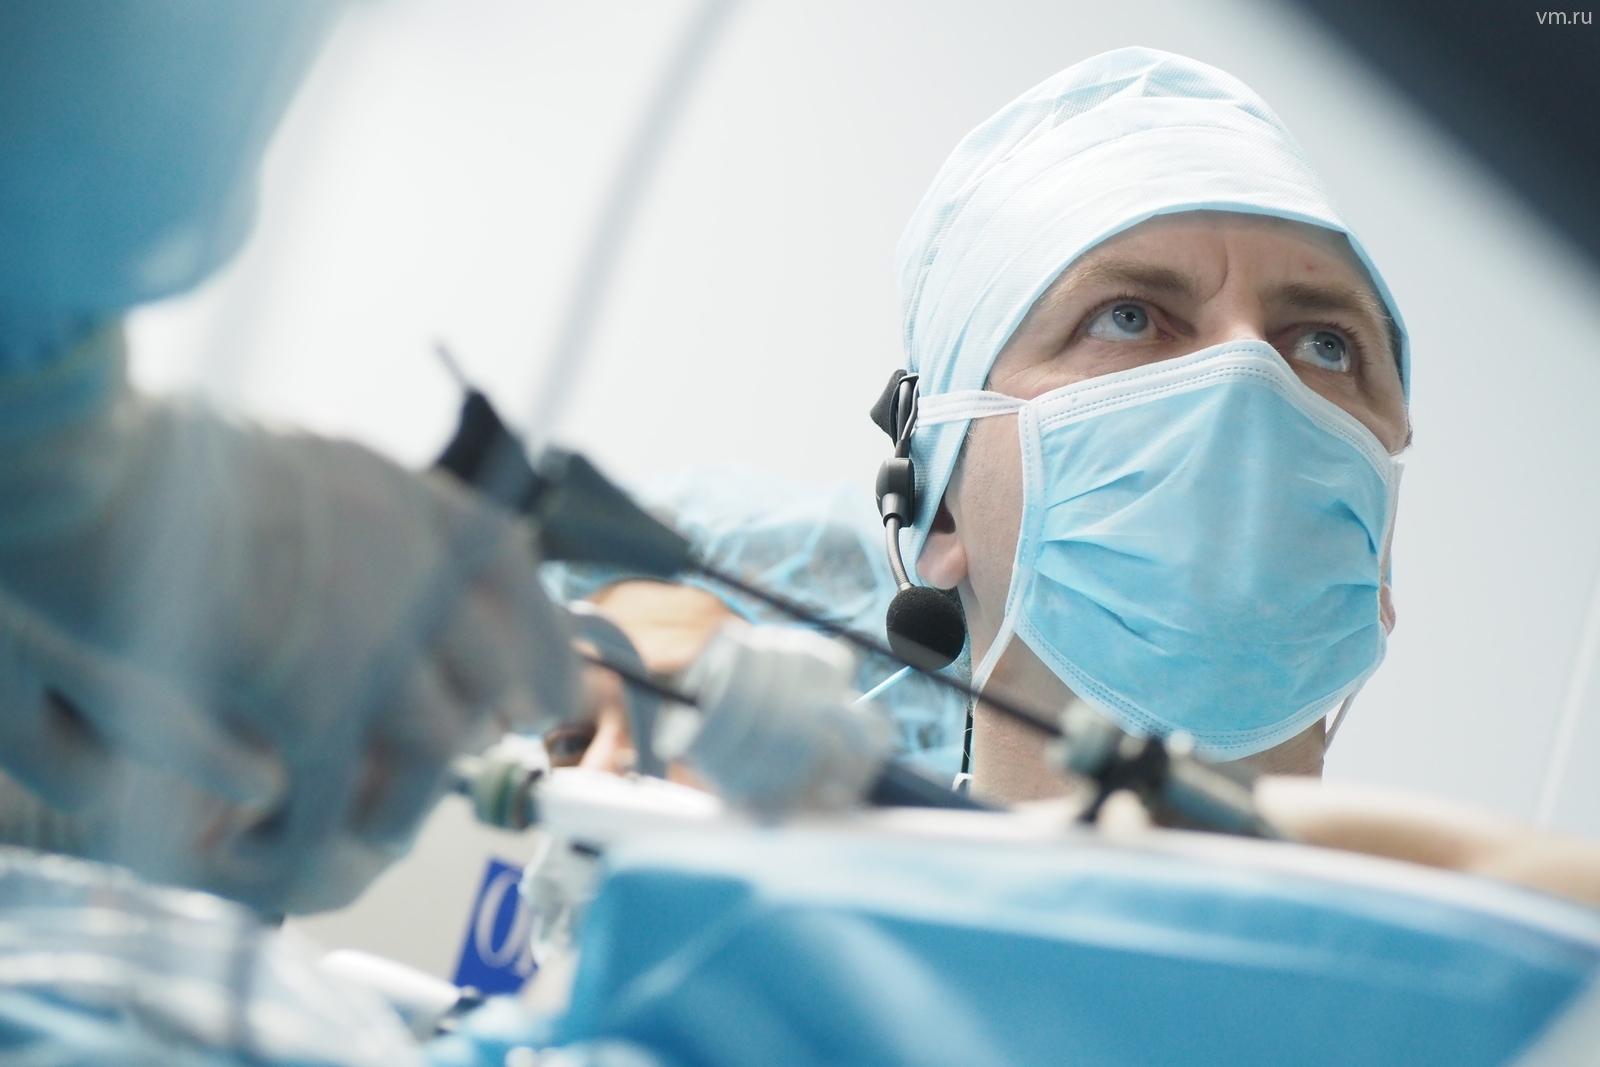 Оборудование будет использовано для лечения пациентов, испытывающих сильные боли при дегенеративных изменениях позвоночника